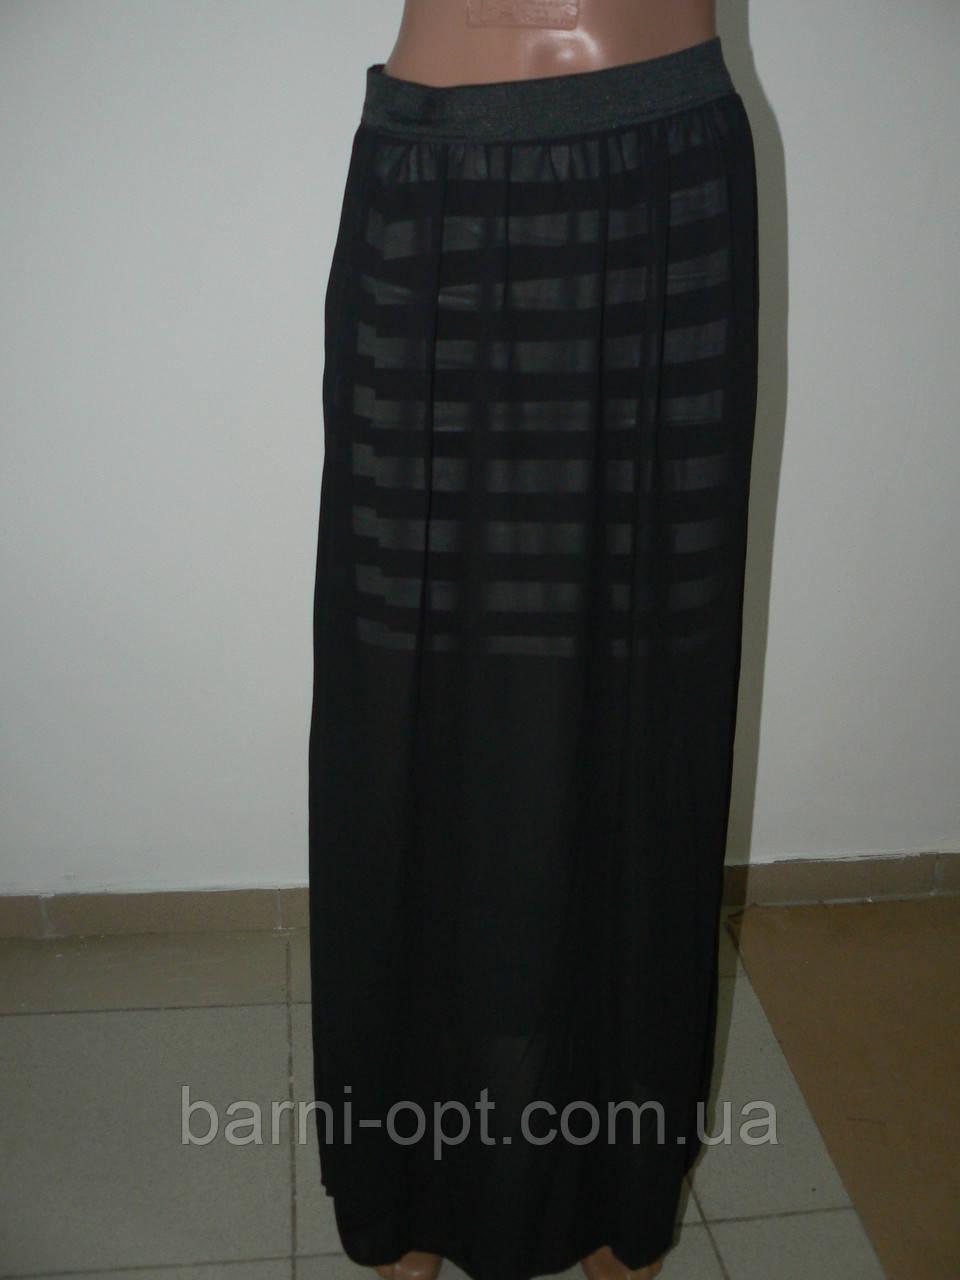 Женские шифоновые юбки в одном размере